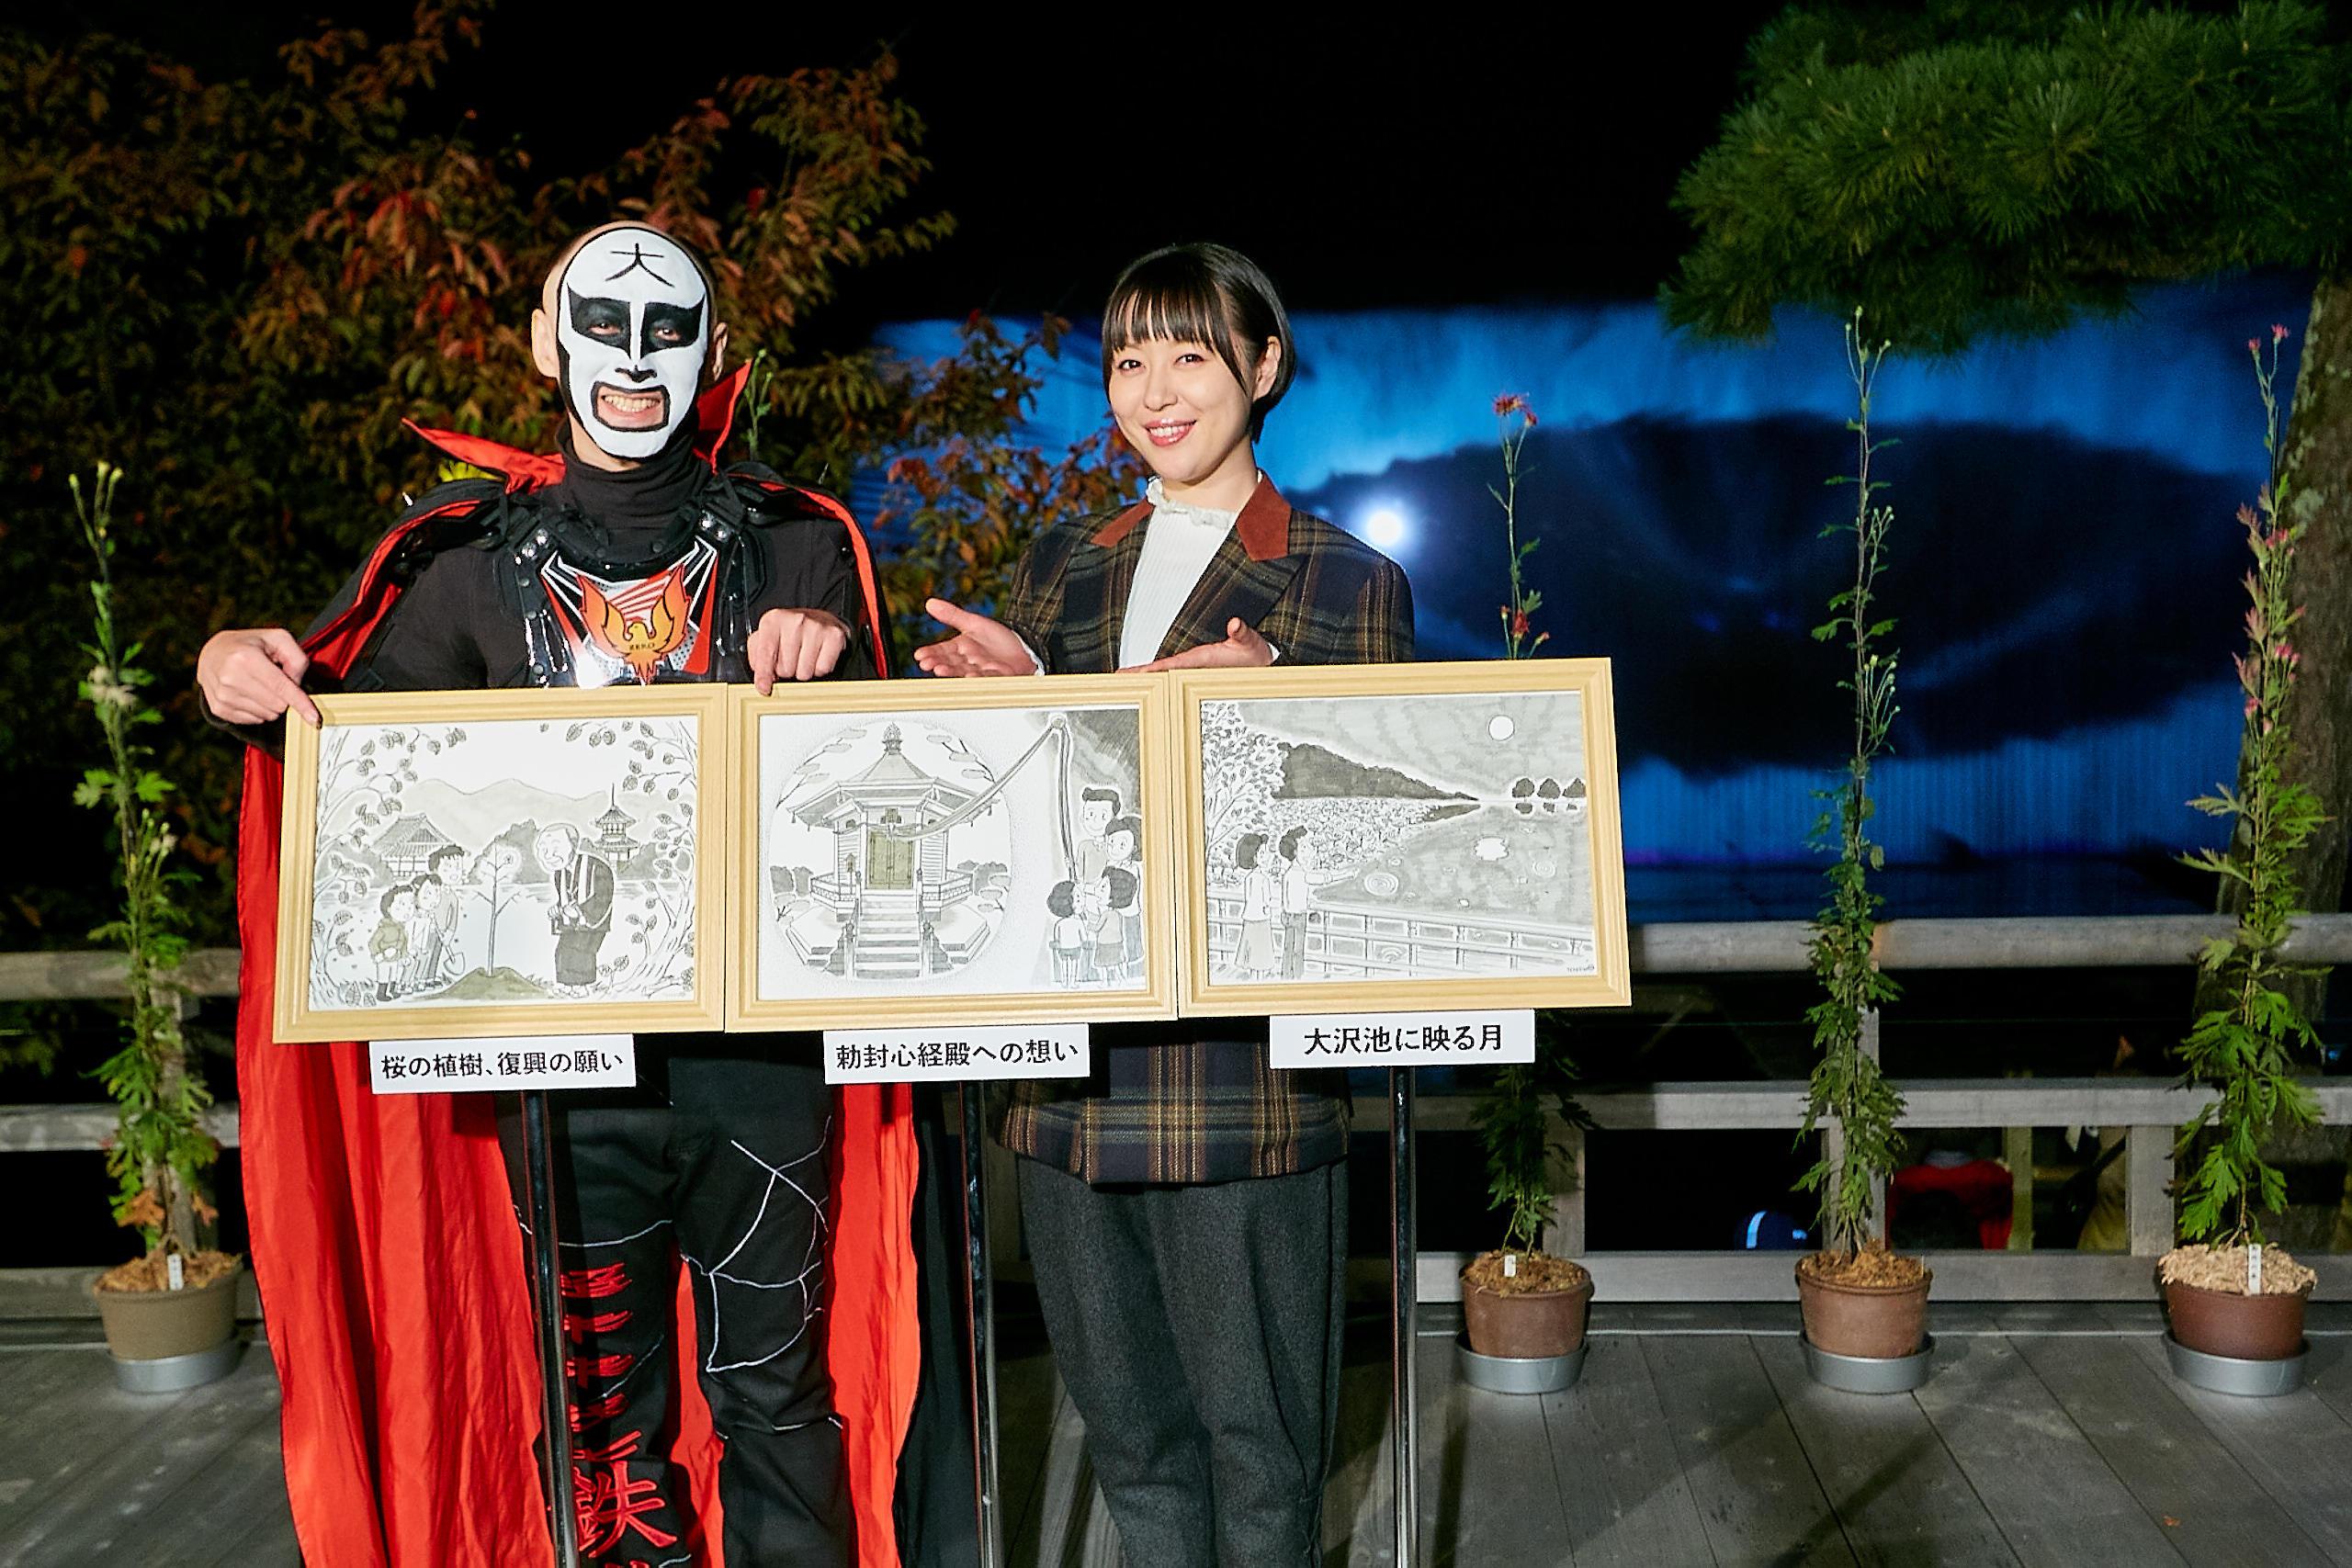 http://news.yoshimoto.co.jp/20181103080744-6c940aa91b6659bf4d114fae9af71e3ff94417b2.jpg